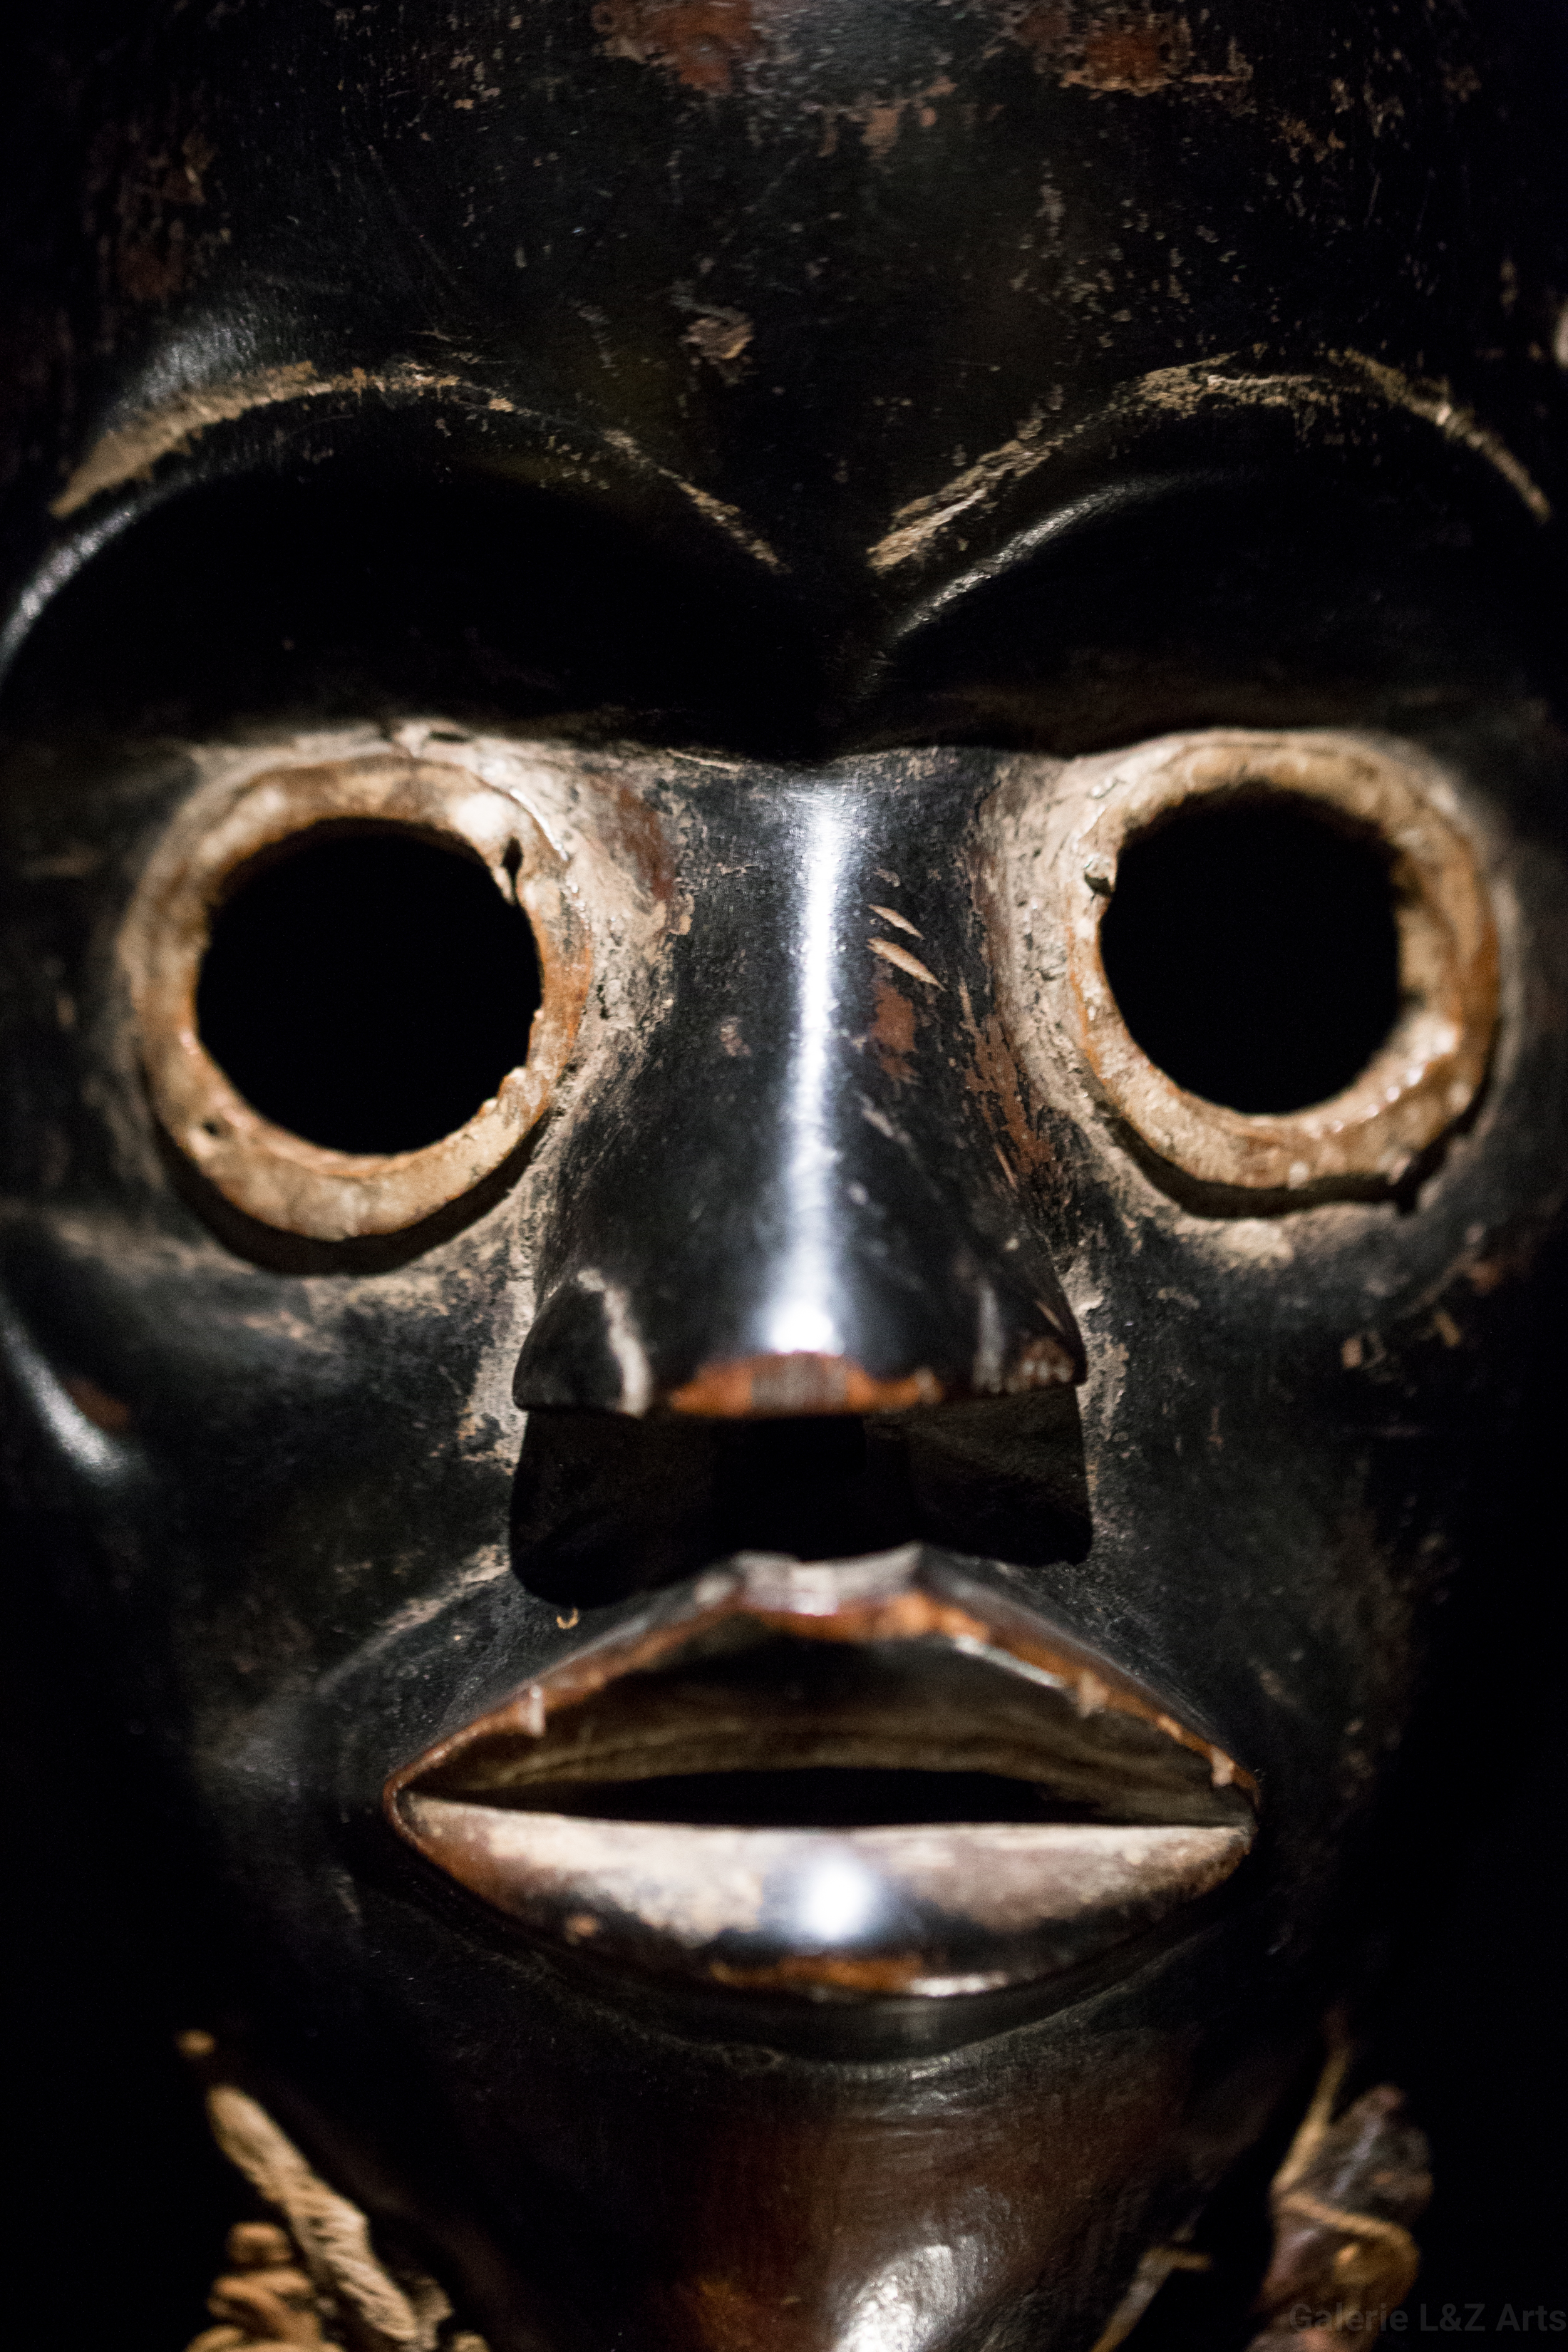 exposition-masque-art-tribal-africain-musee-quai-branly-belgique-galerie-lz-arts-liege-cite-miroir-oceanie-asie-japon-amerique-art-premier-nepal-3.jpg